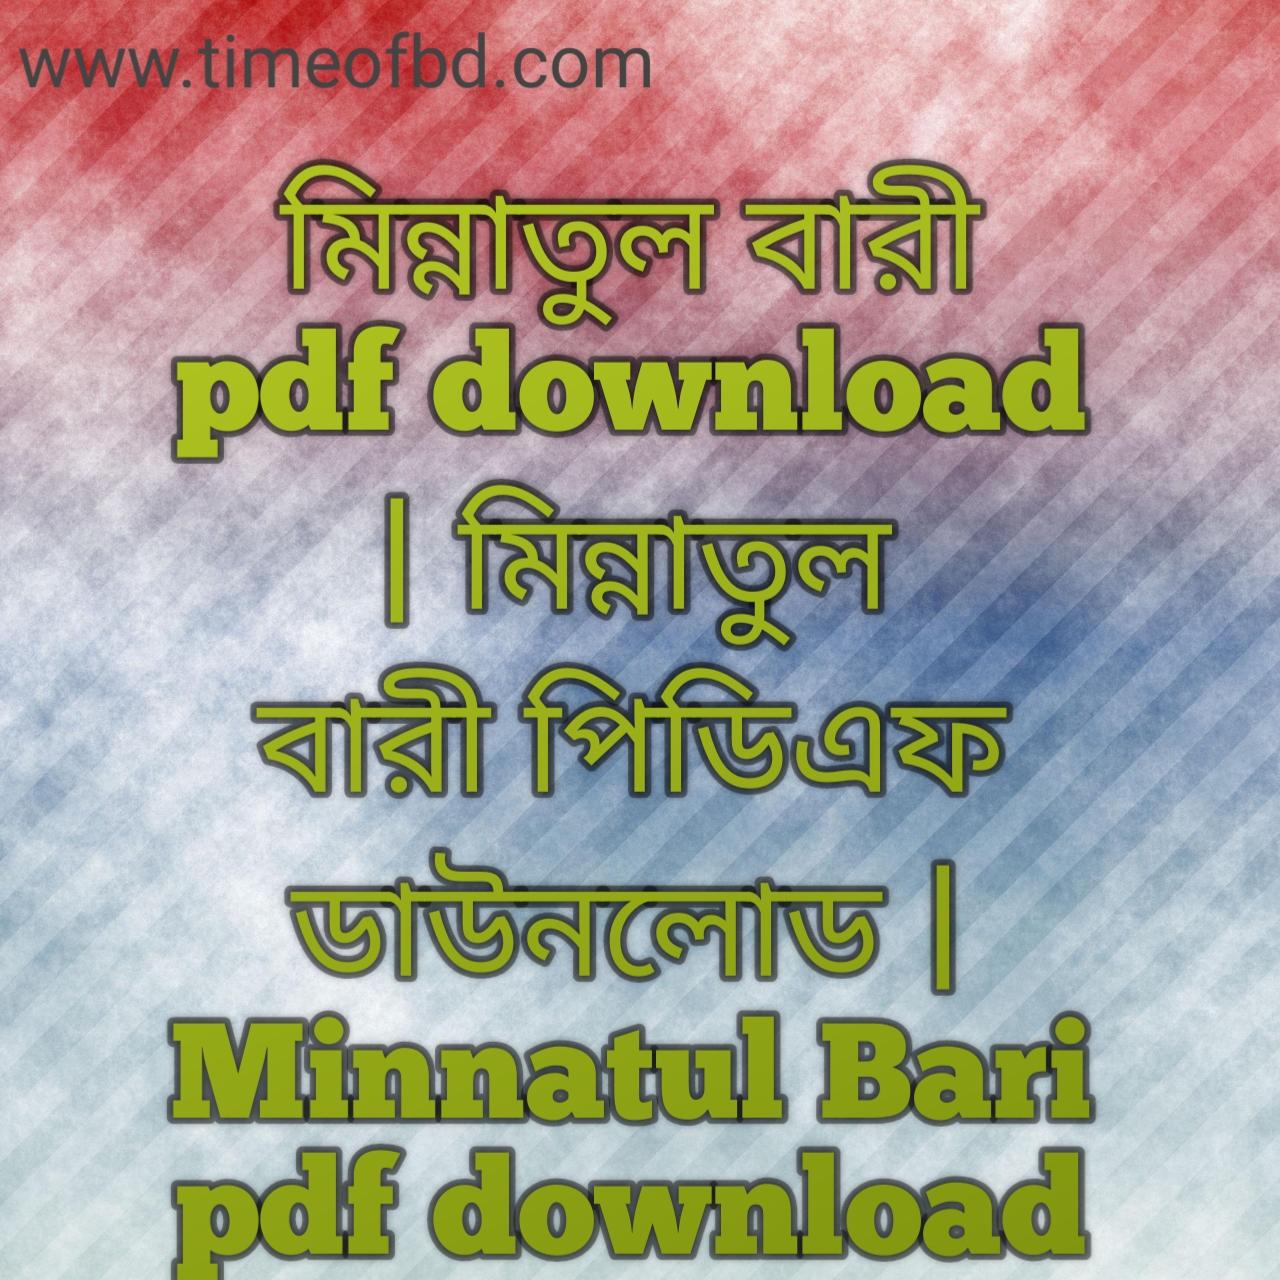 মিন্নাতুল বারী pdf download, মিন্নাতুল বারী পিডিএফ ডাউনলোড, মিন্নাতুল বারী pdf , মিন্নাতুল বারী পিডিএফ,